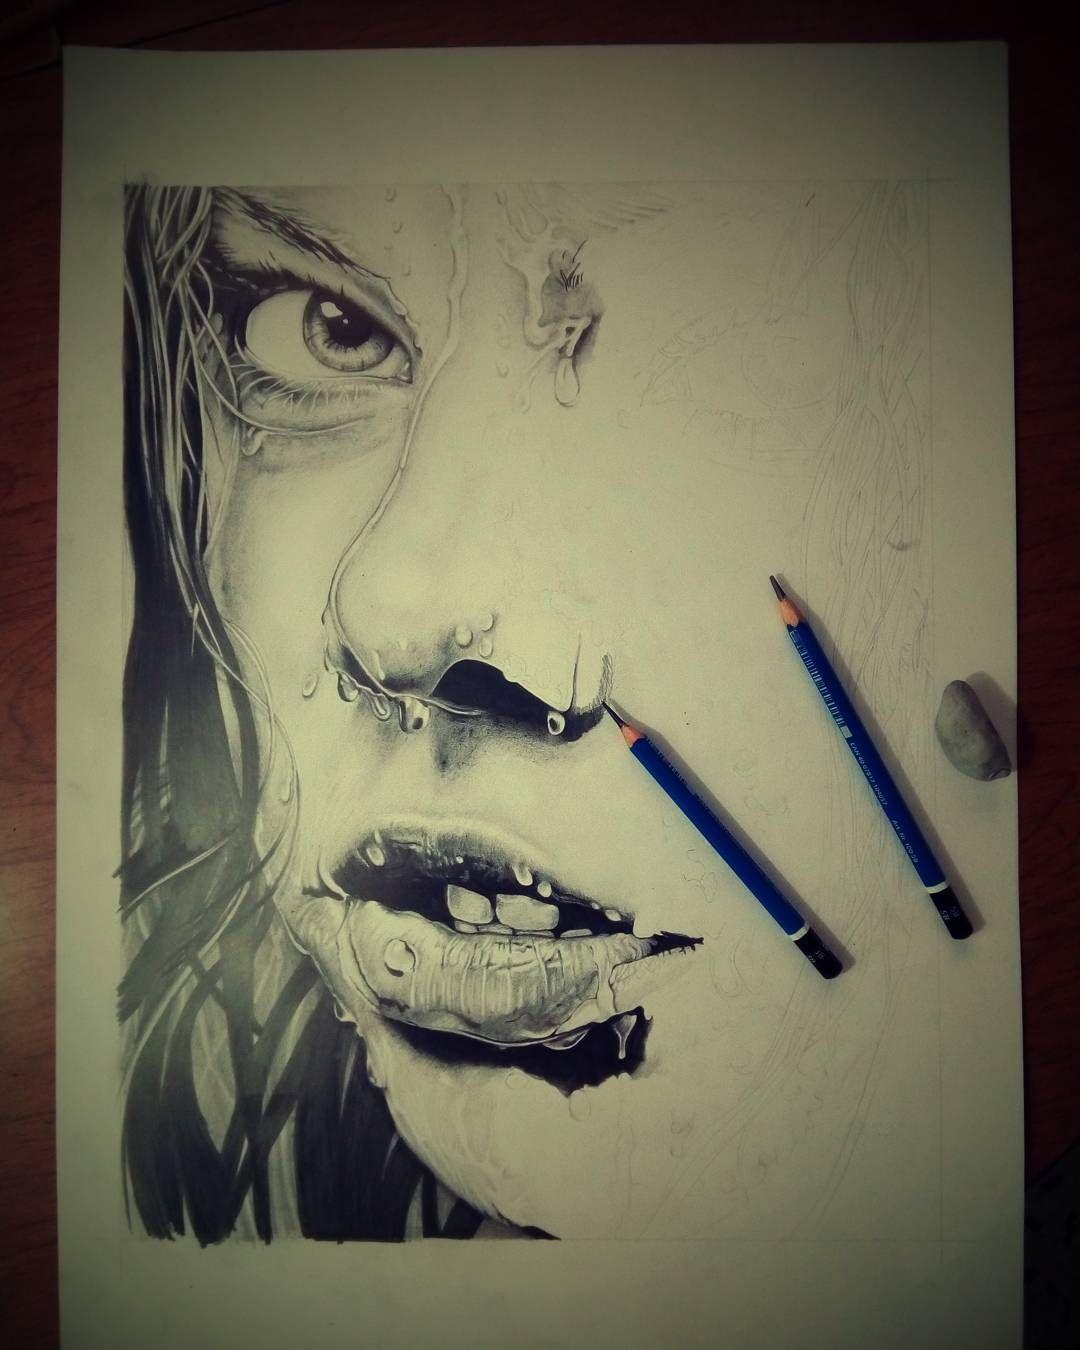 Cacchio!!!! Questo è proprio tosto..... Non finisce mai!!! #drawing #drawingpencil #disegno #artstagram #ear #viso #art #matita #good #gommapane #breadrubber # # #portrait #portret #watereffect #eyes #naso #carta #paper # #bocca #labbra #realistico #realistic #oalmenociprovo #effettobagnato